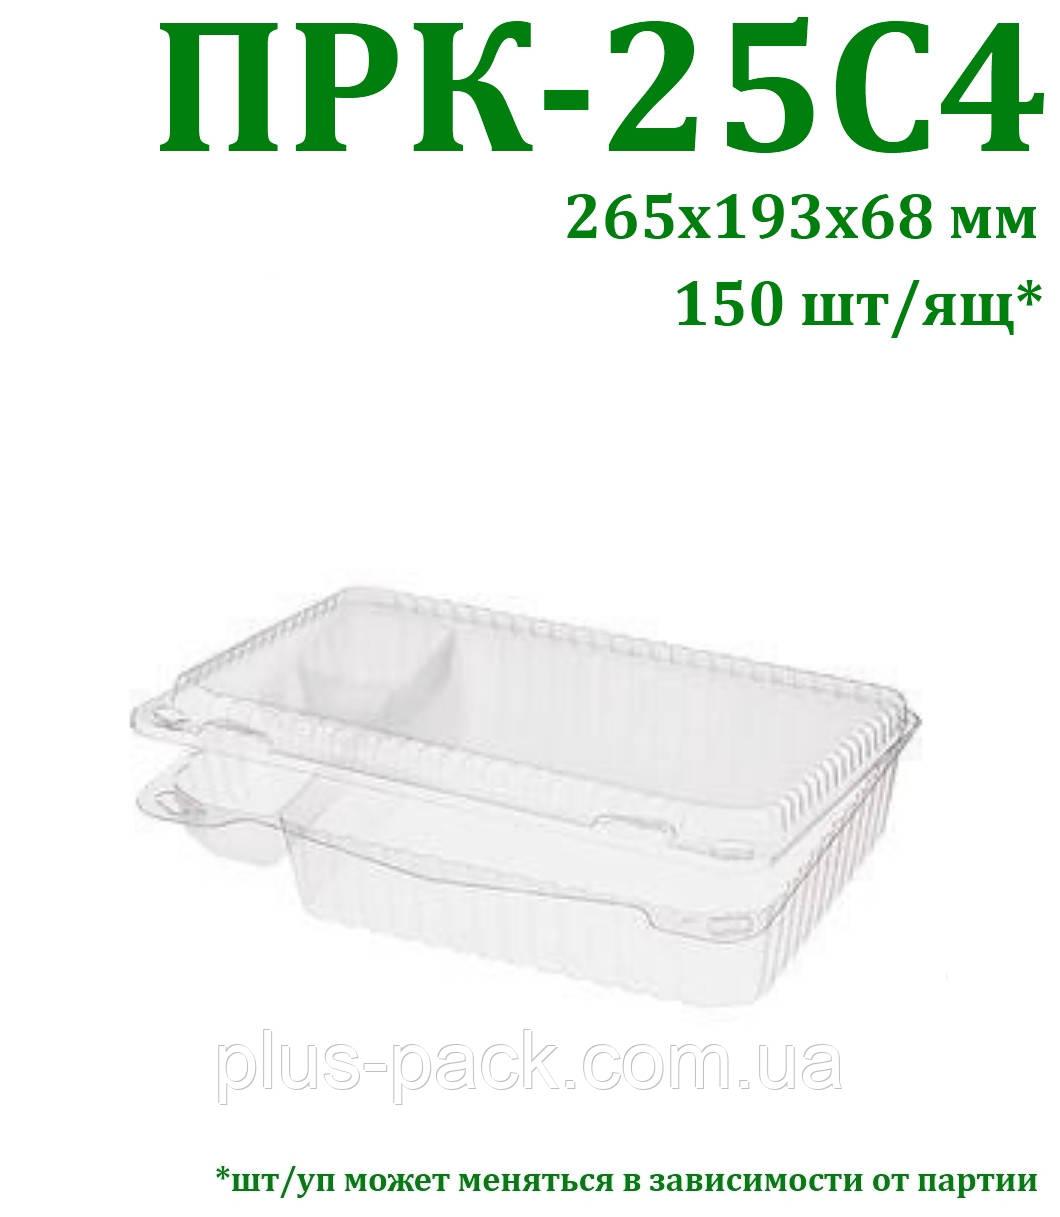 Блистерная одноразовая упаковка для суши и роллов ПРК-25С4